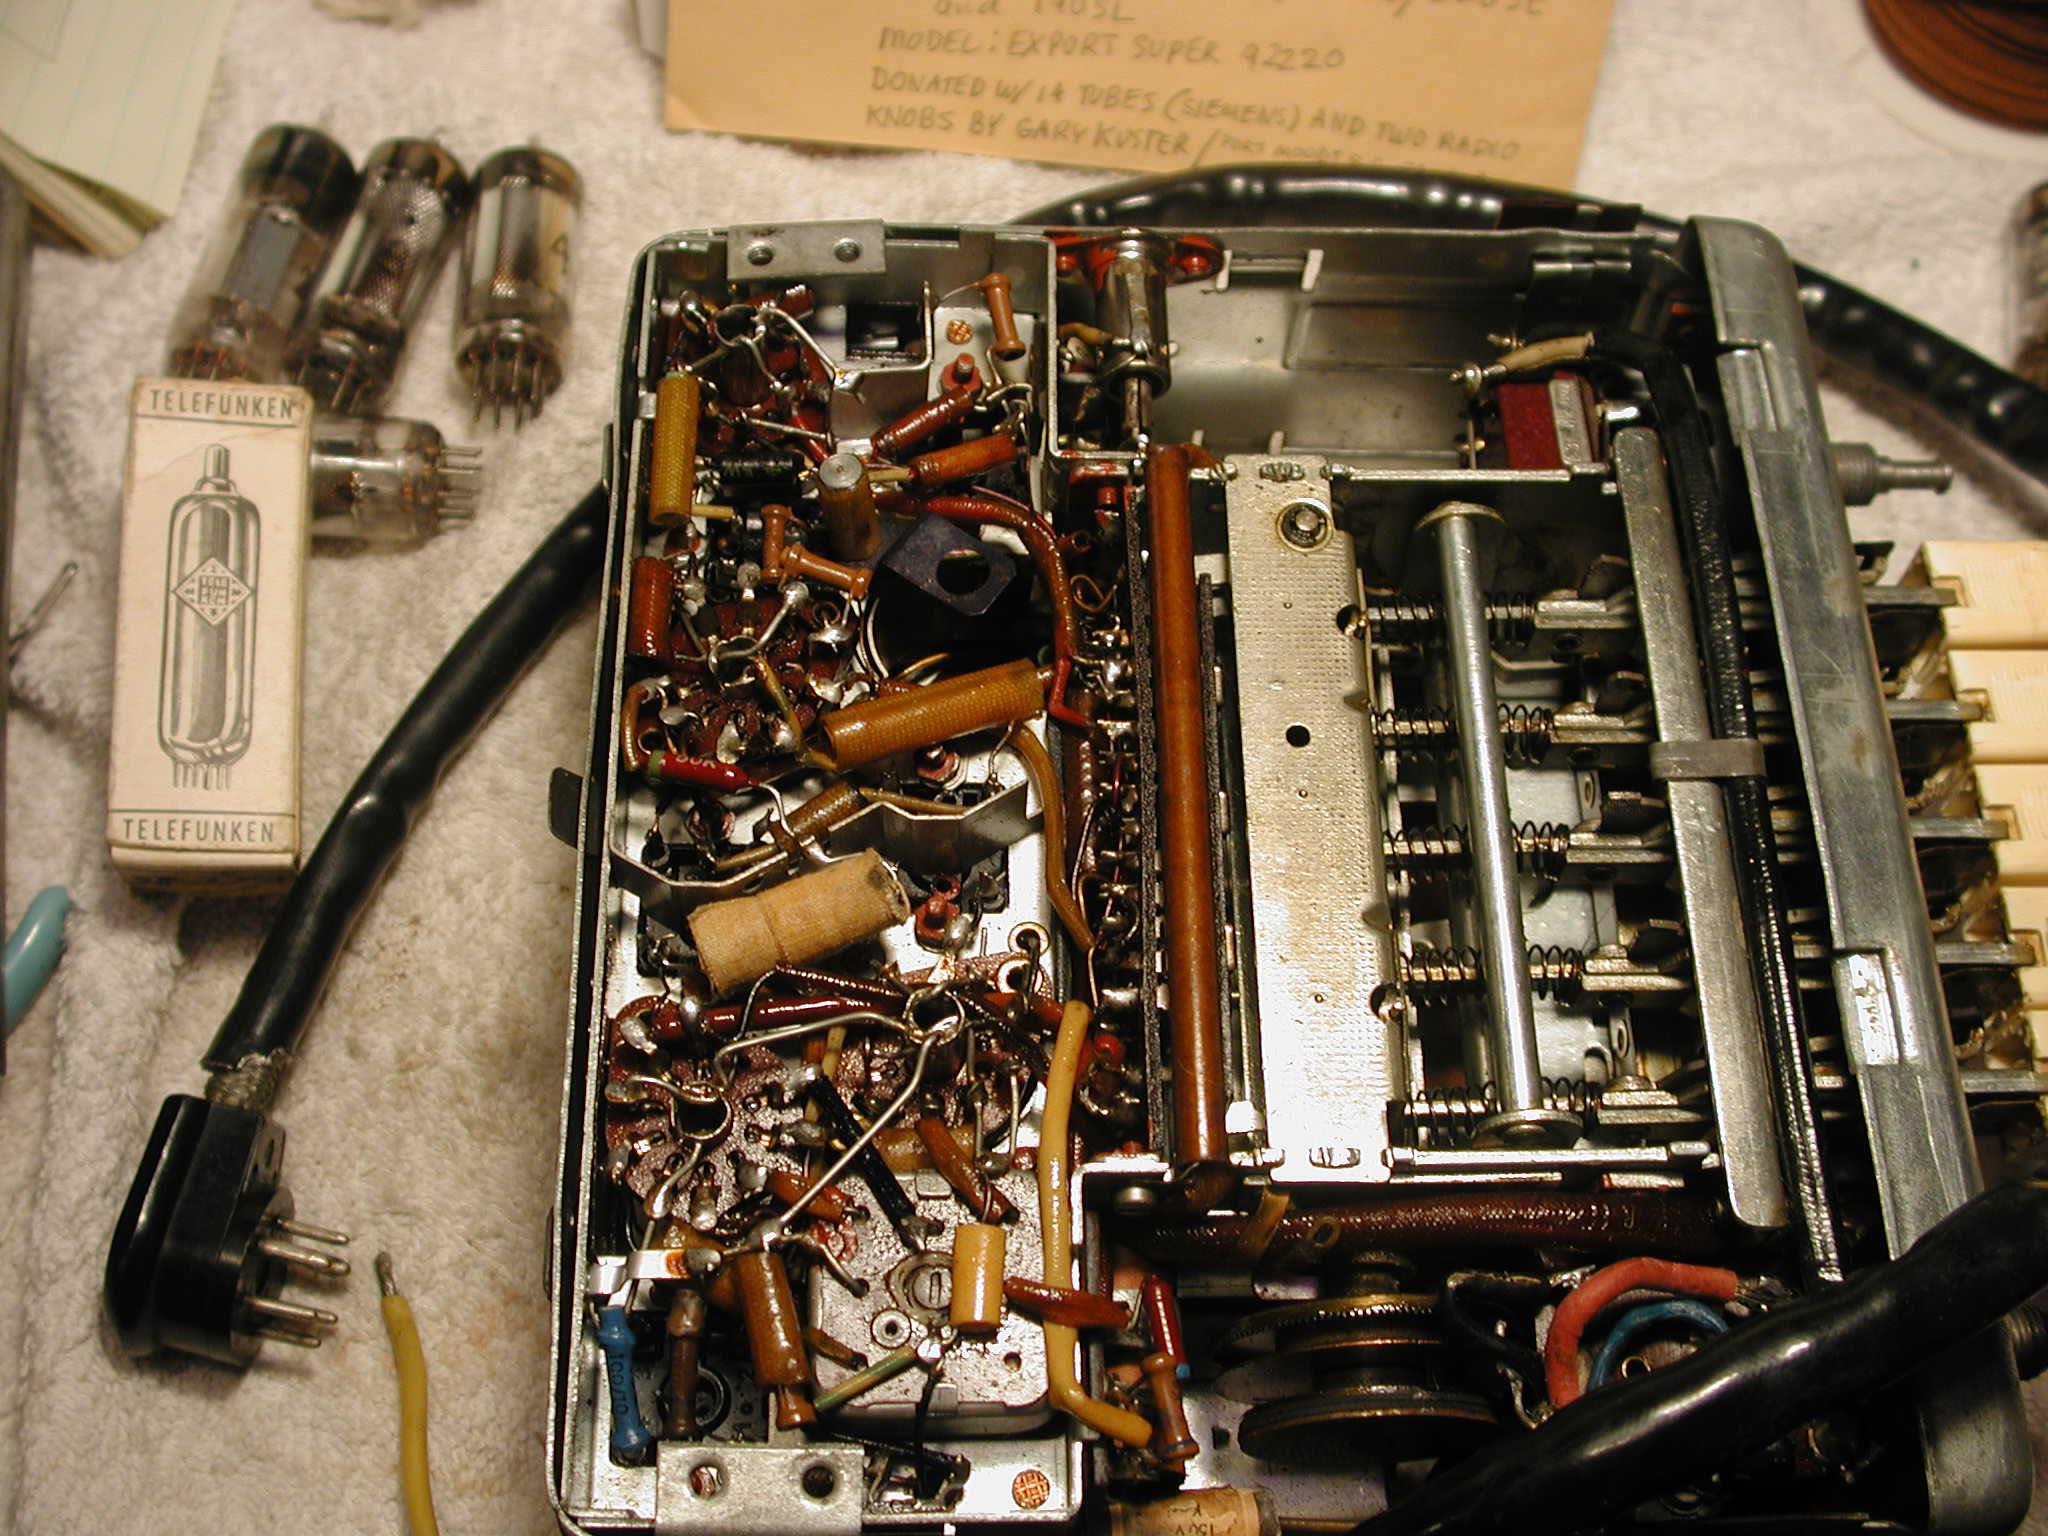 Mercedes-Benz Ponton Radios © www.mbzponton.org